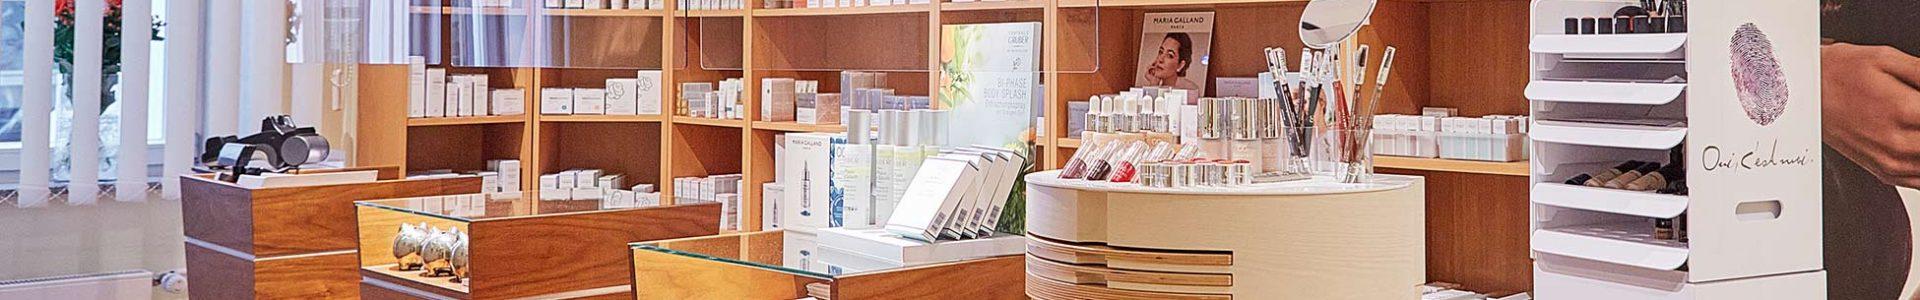 20210115-Kosmetisches-Institut344-Empfang-Header-Produkte.jpg